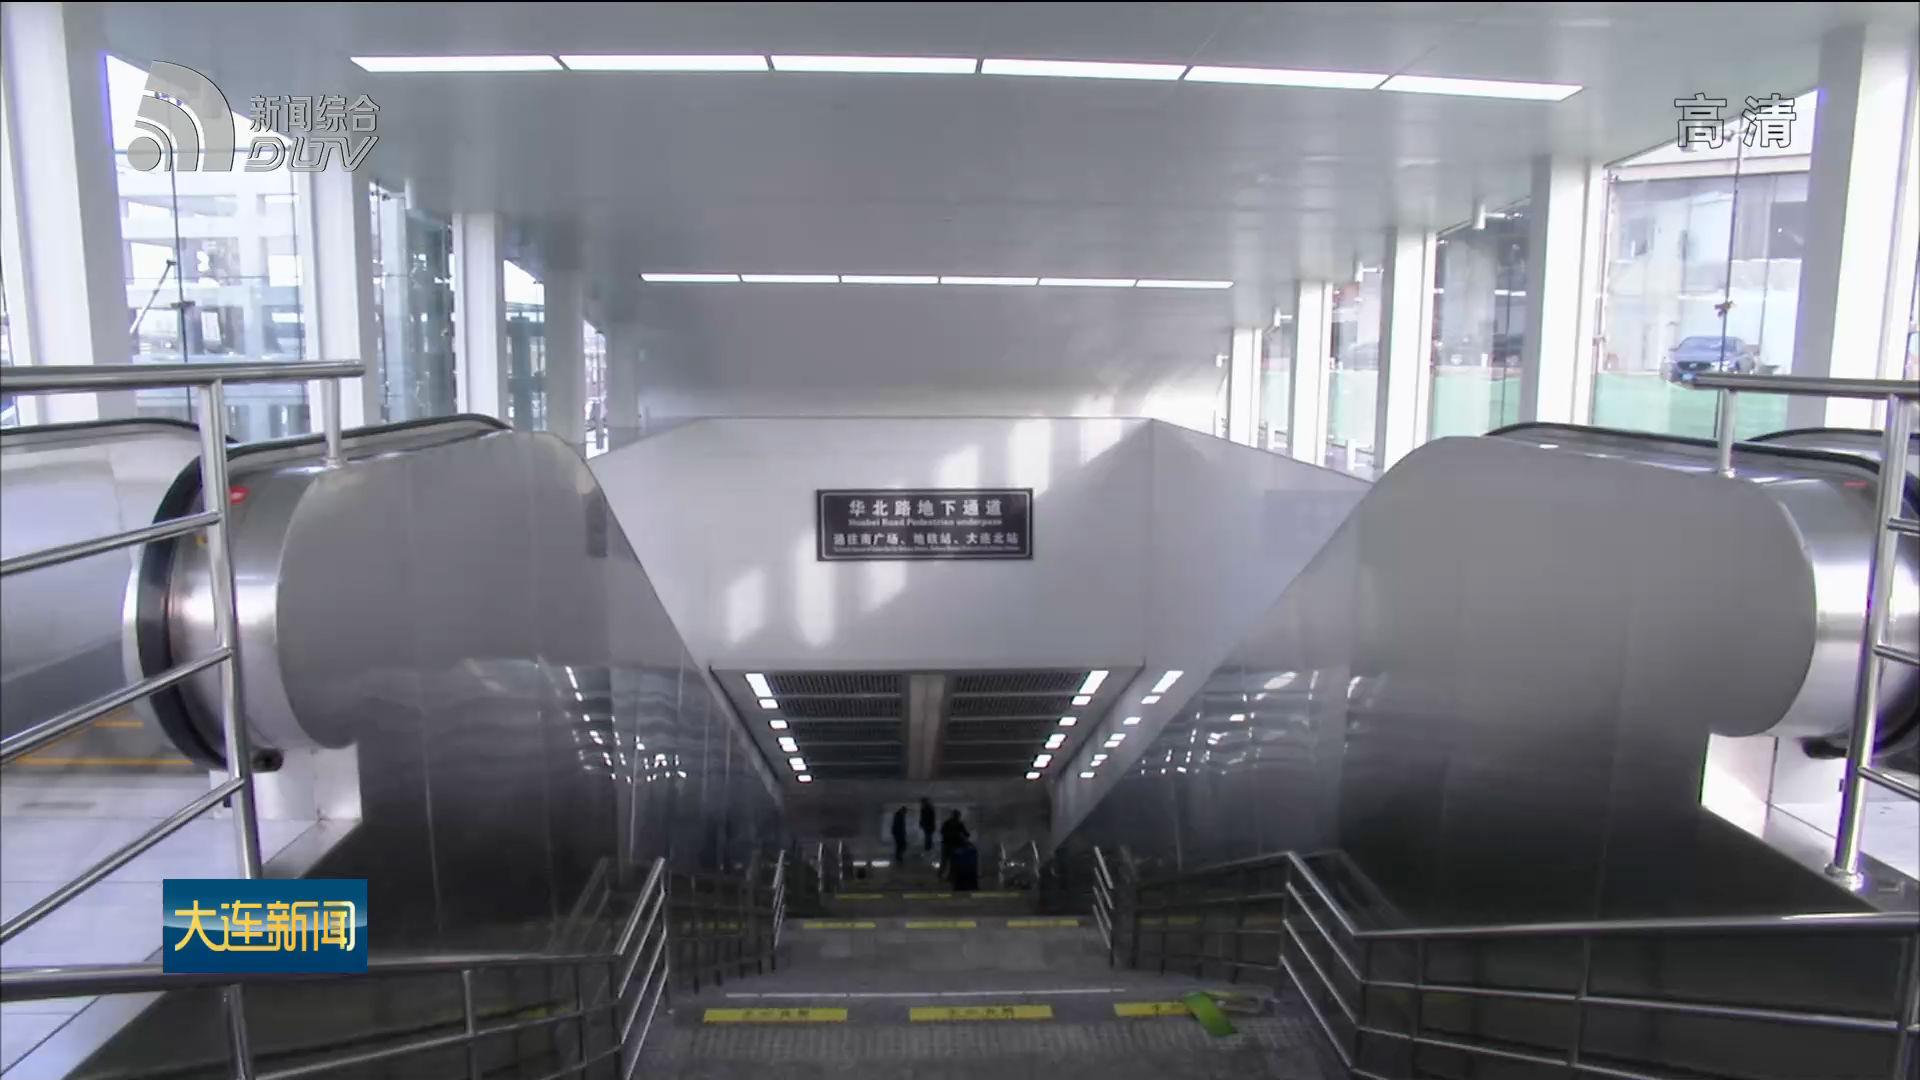 解決過路難 華北路地下通道將開通